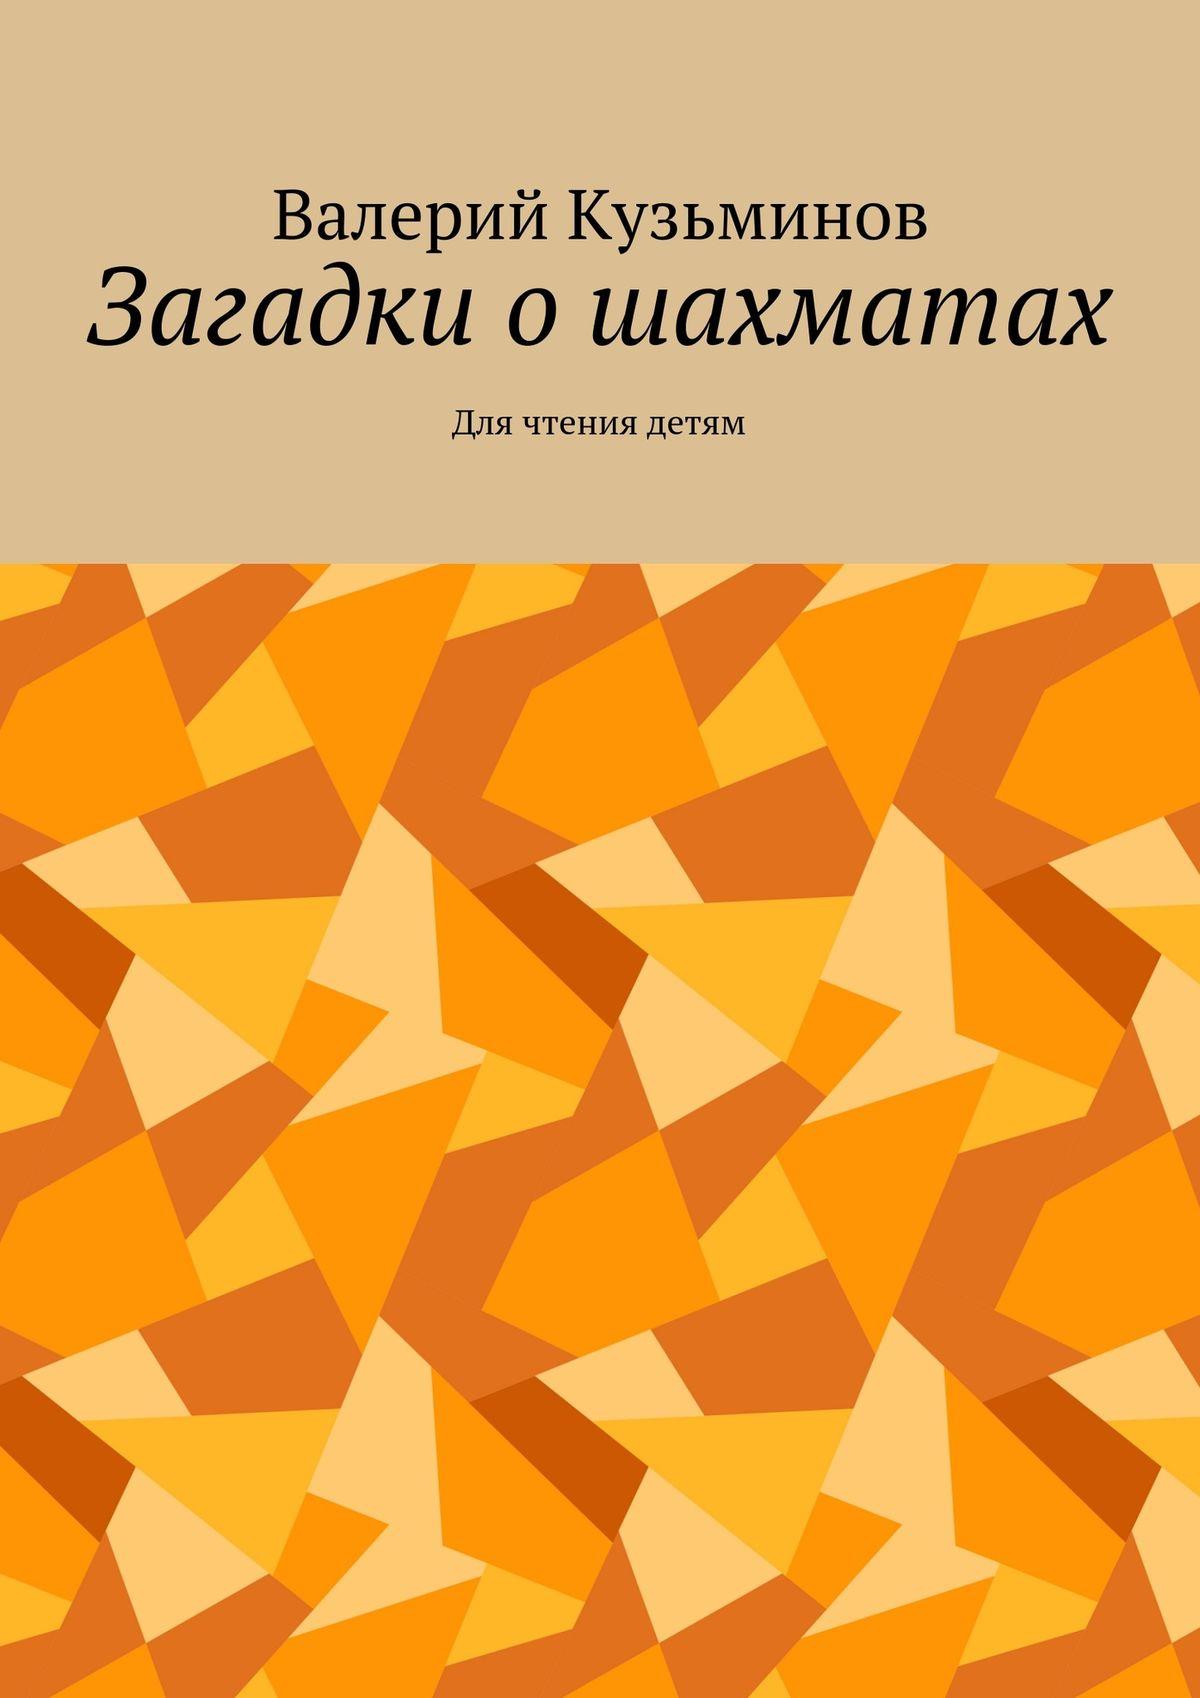 Валерий Васильевич Кузьминов Загадки ошахматах. Для чтения детям валерий кузьминов загадки с